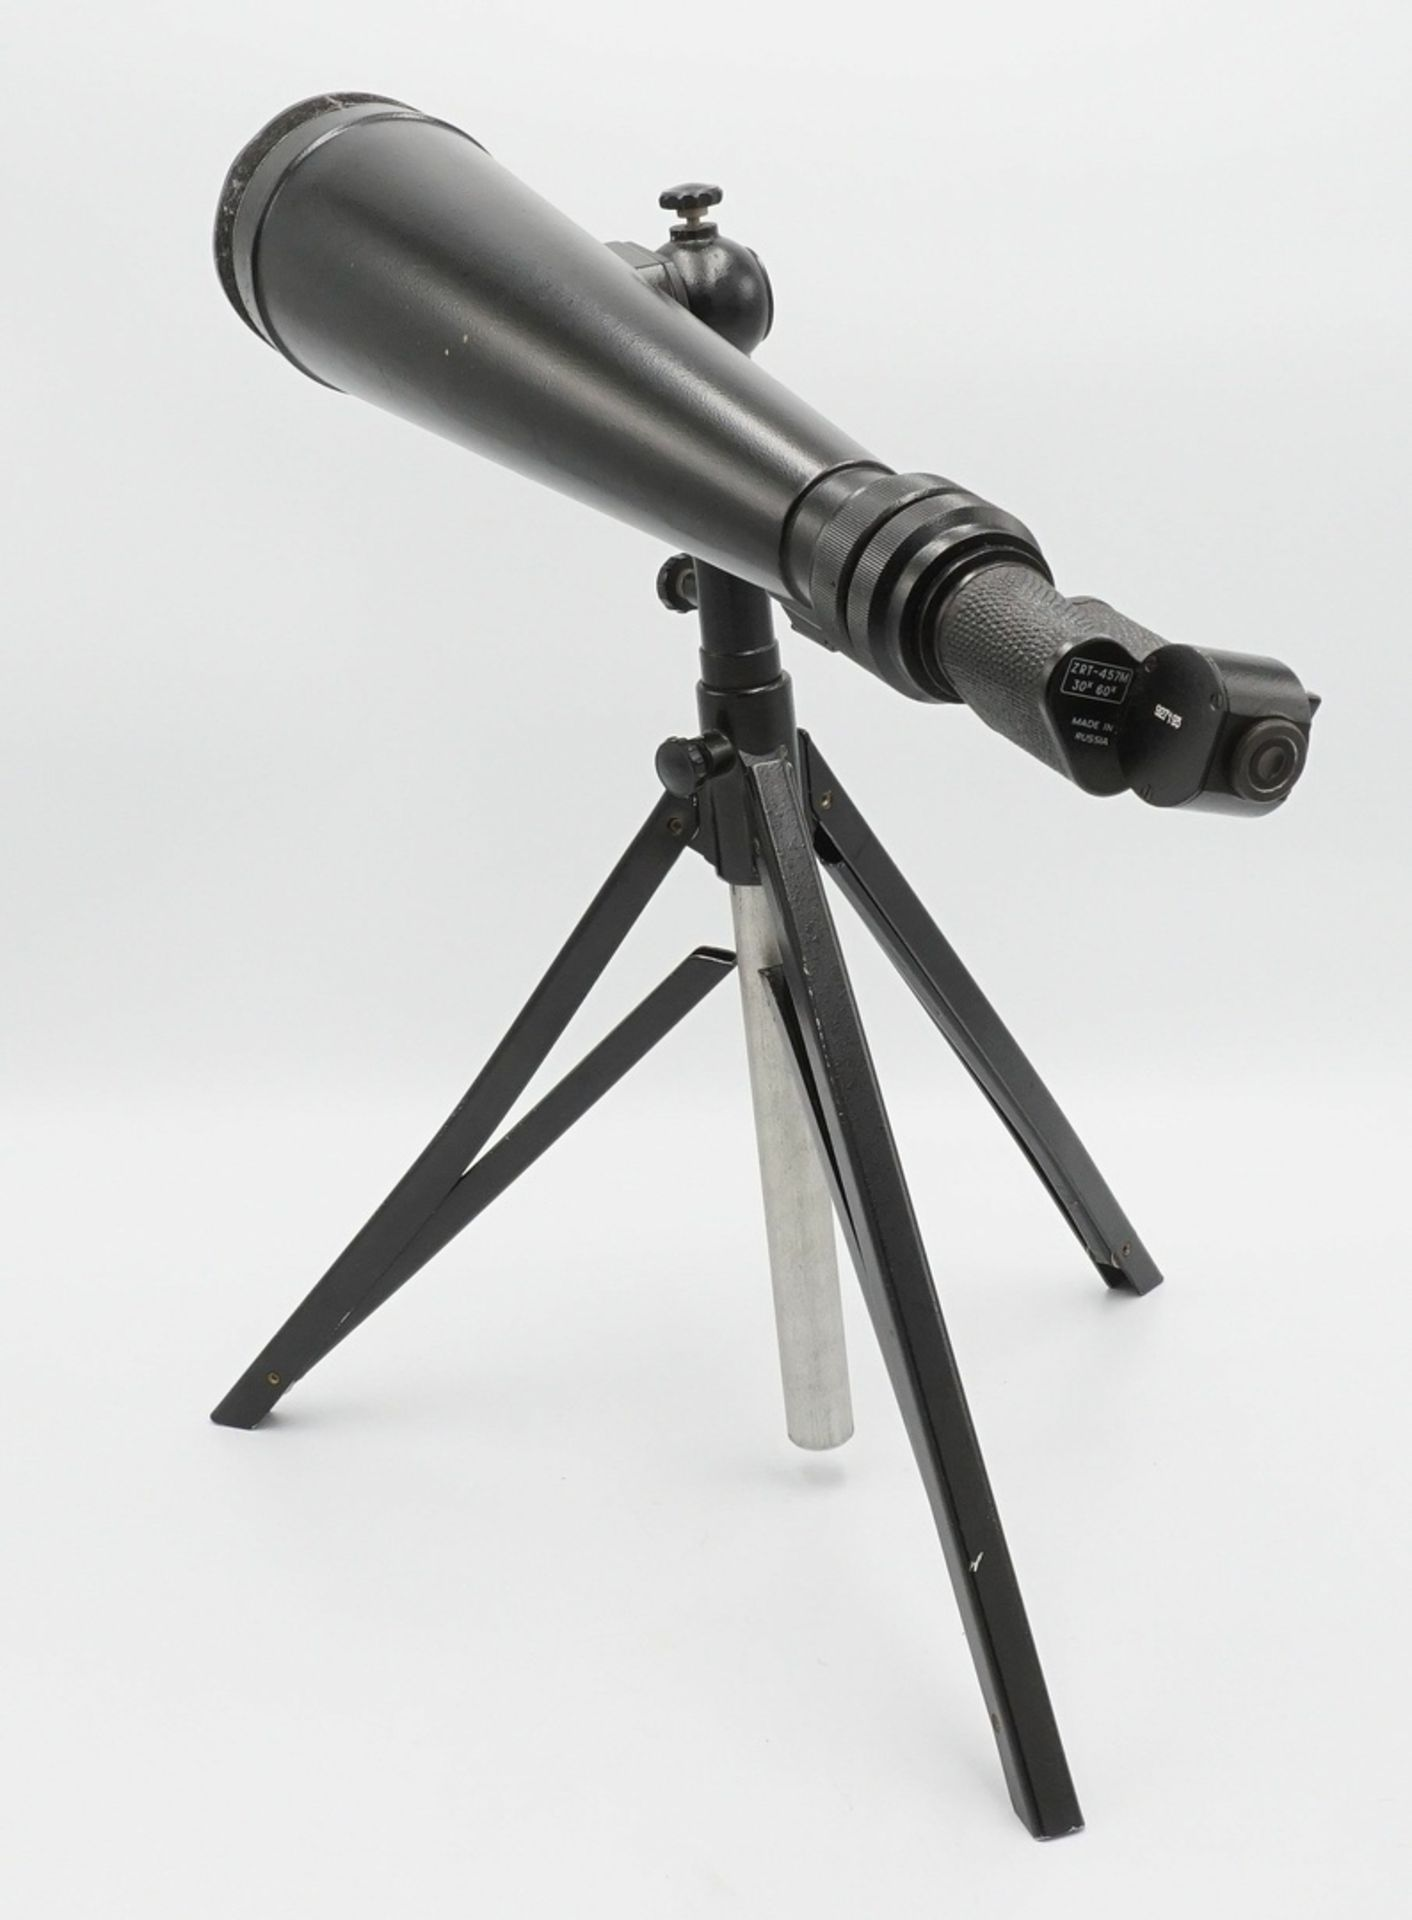 Russisches Spektiv ZRT-457M, 30x / 60x, mit Tasche, 2. Hälfte 20. Jh. - Bild 2 aus 5